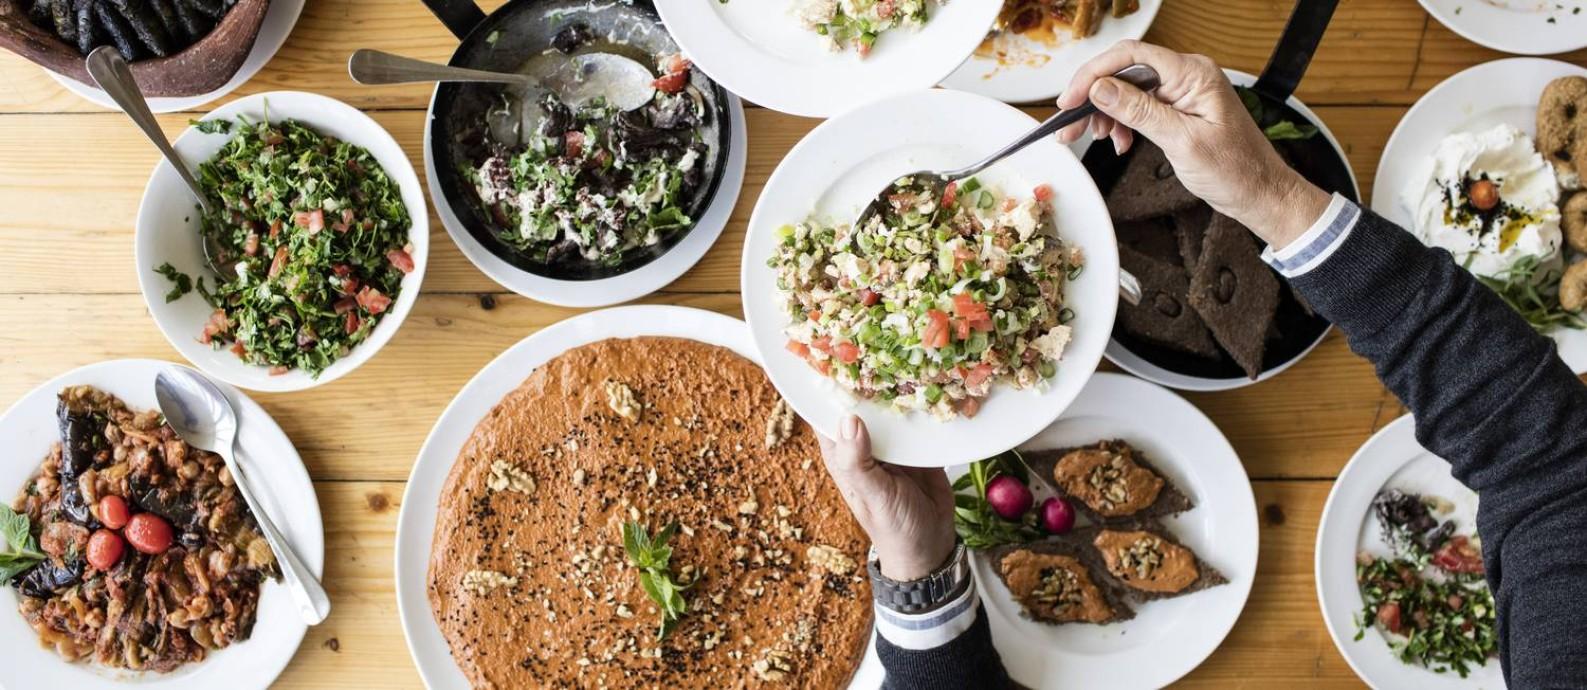 Uma variedade de comidas quentes e frias servidas no Beit El Qamar, no Líbano. A cozinha libanesa tem uma mistura de grãos, frutas, vegetais, castanhas e sementes. Compartilhar uma refeição, hábito do país, pode ser uma maneira de evitar o desperdício e o consumo excessivo Foto: IEVA SAUDARGAITE / NYT